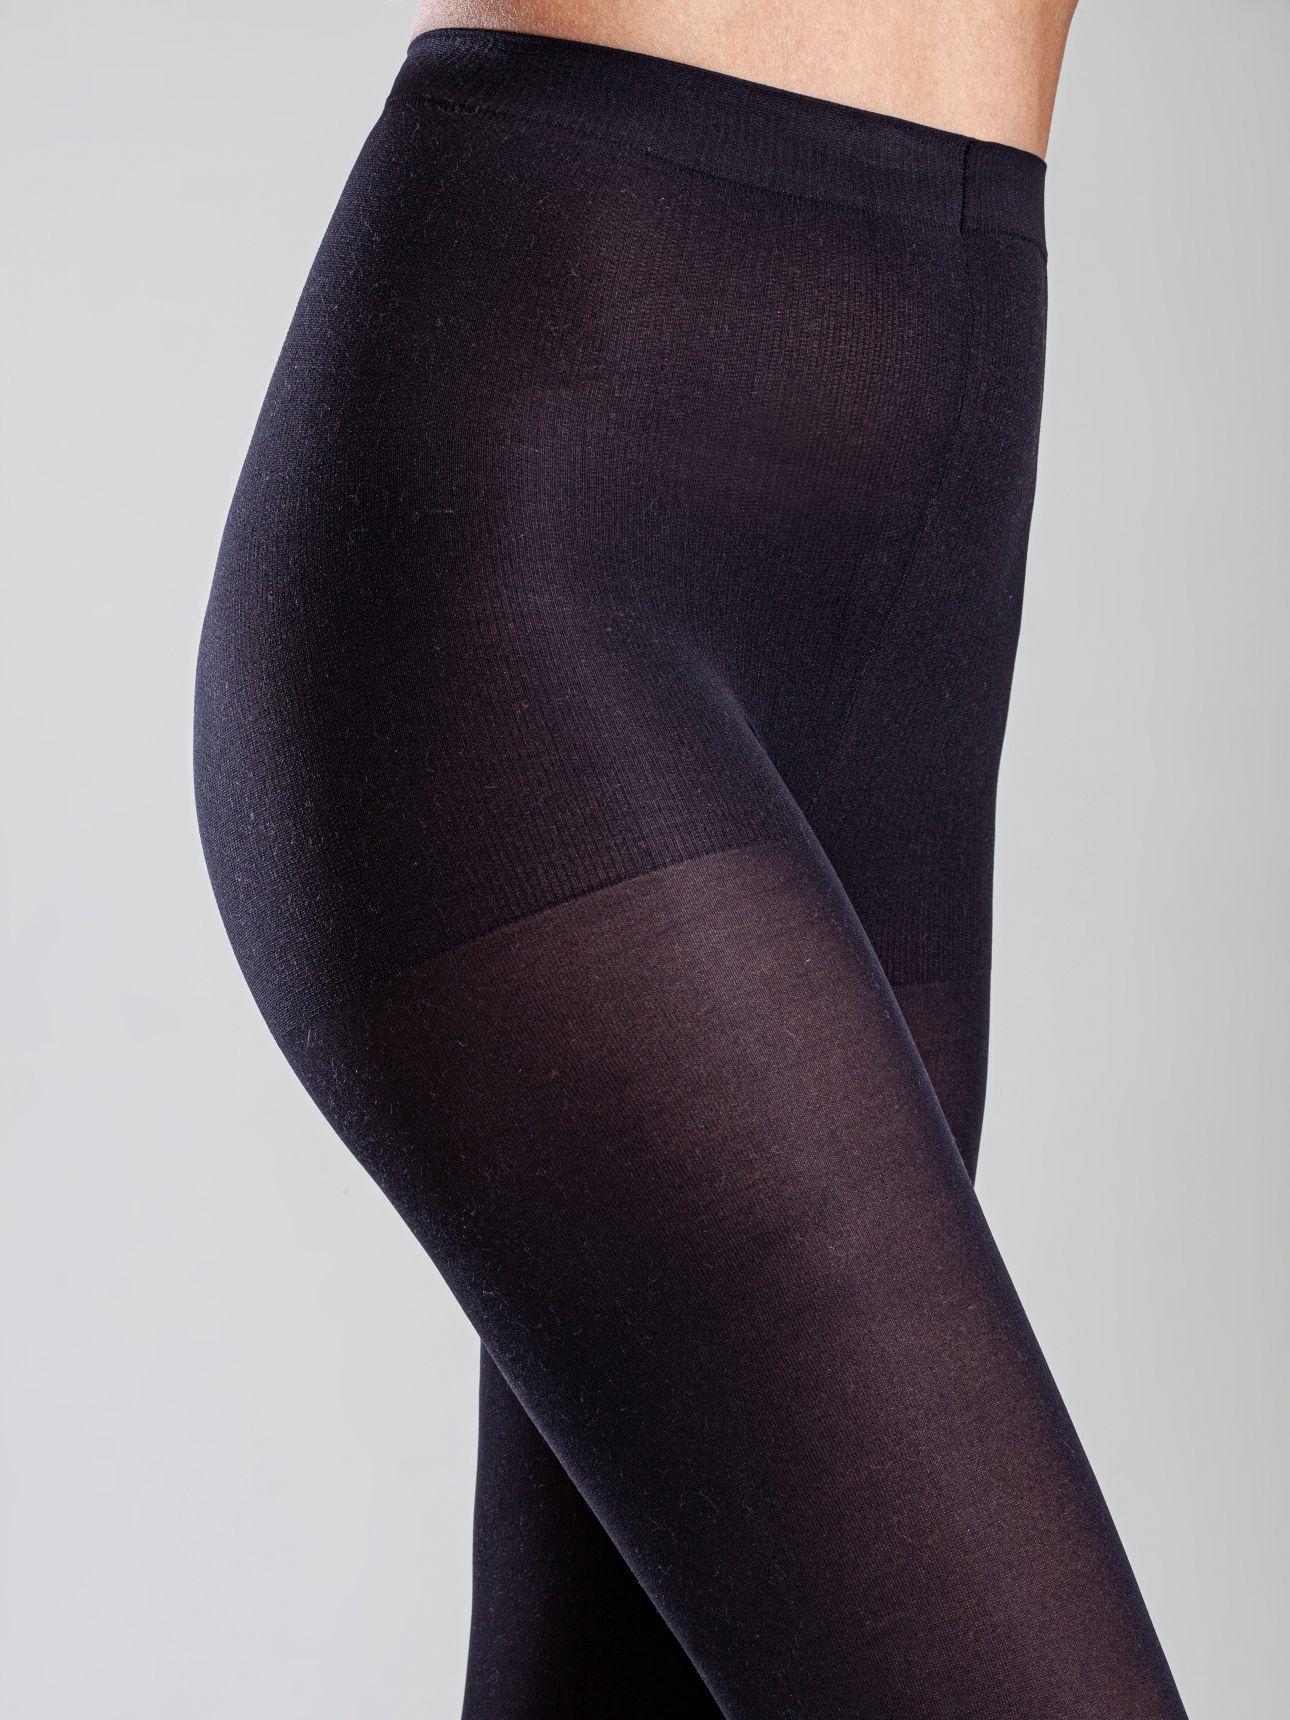 גרבונים 55DEN בצבע שחור